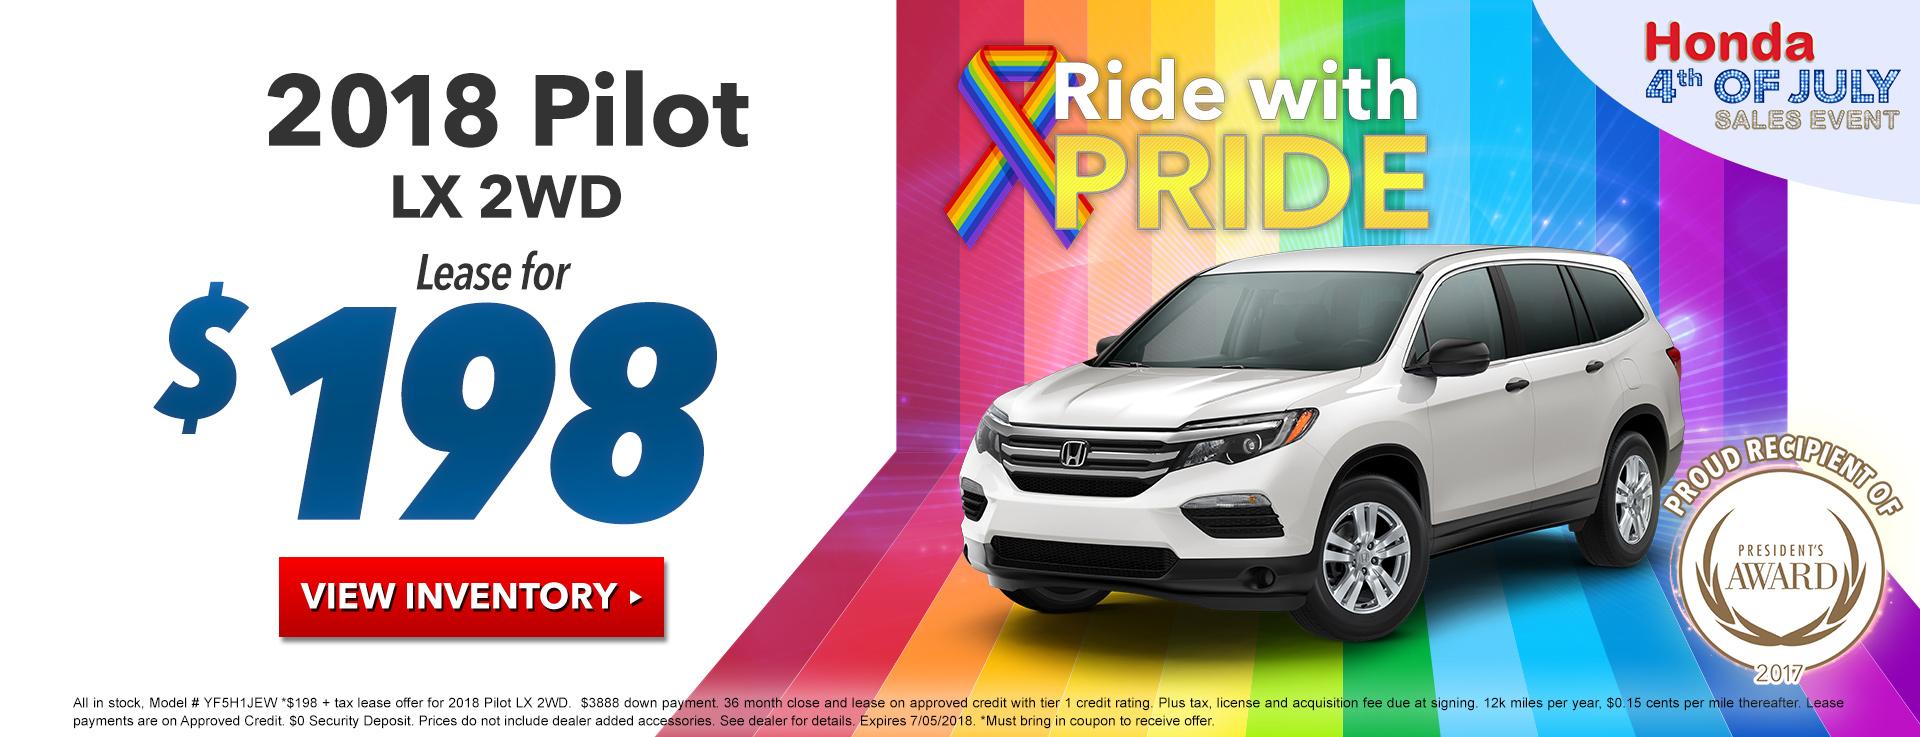 Honda Pilot $198 Lease